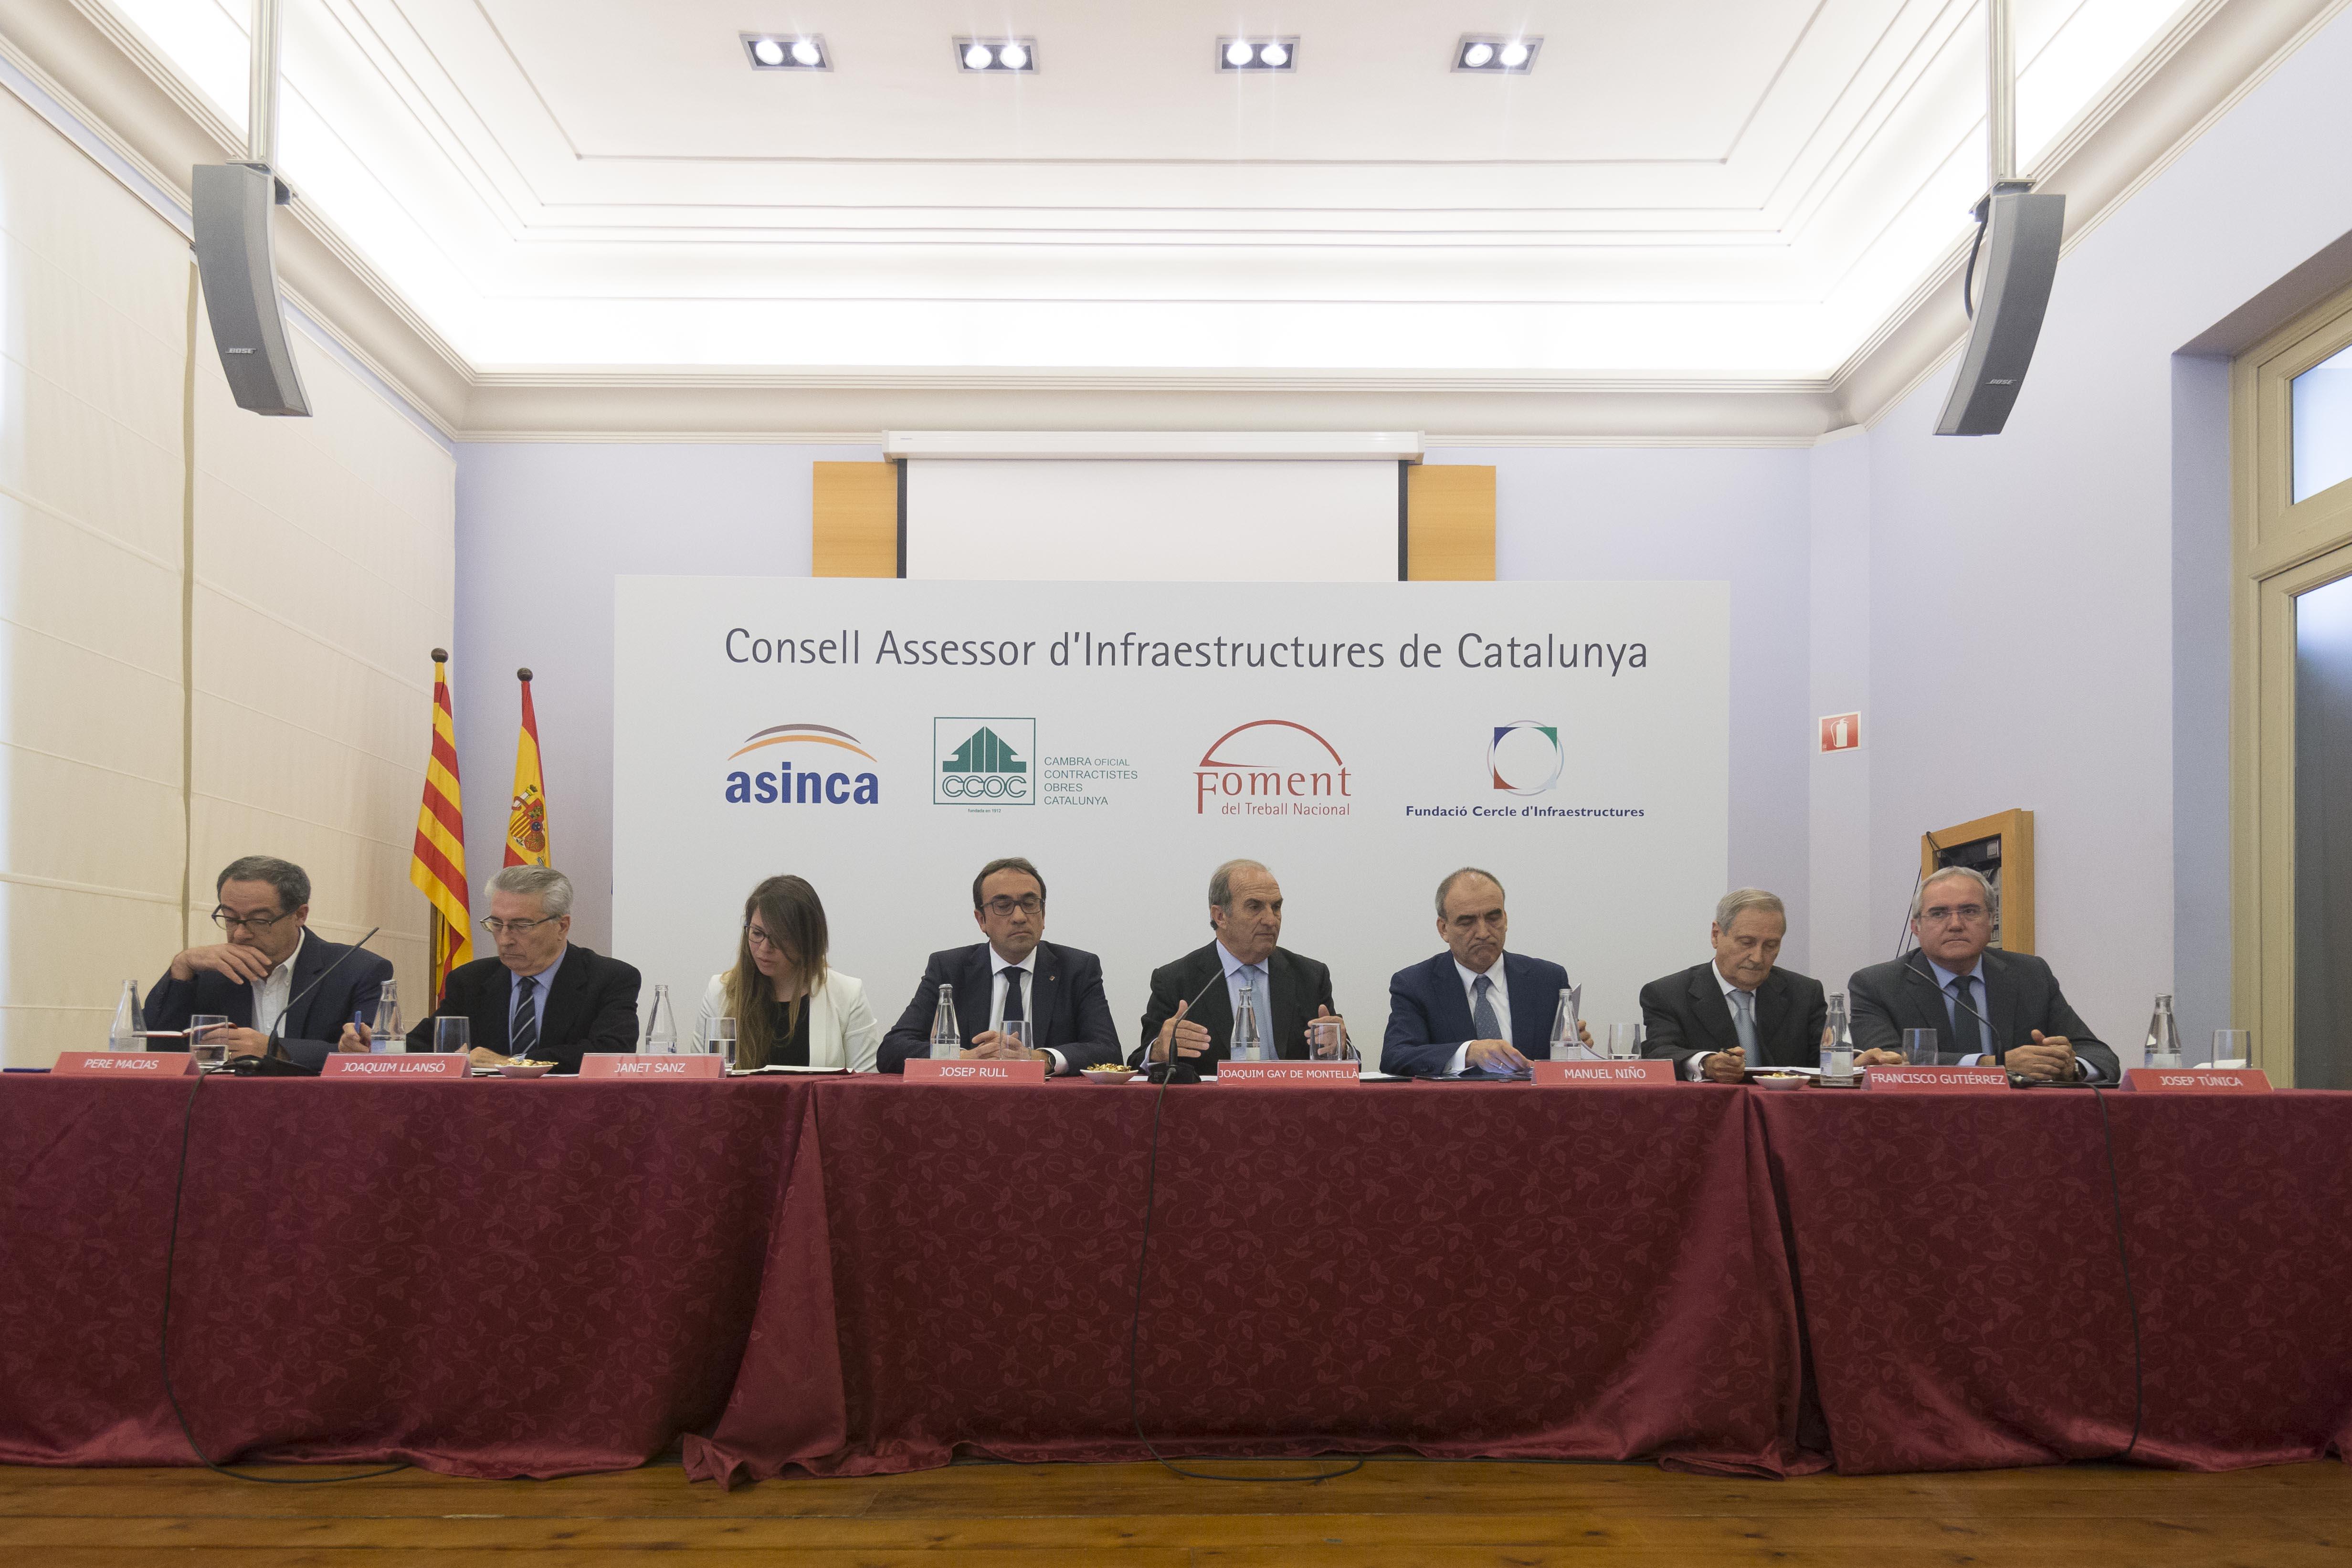 El Consell Assessor d'Infraestructures de Catalunya quiere profundizar en un nuevo modelo de gestión basado en la demanda